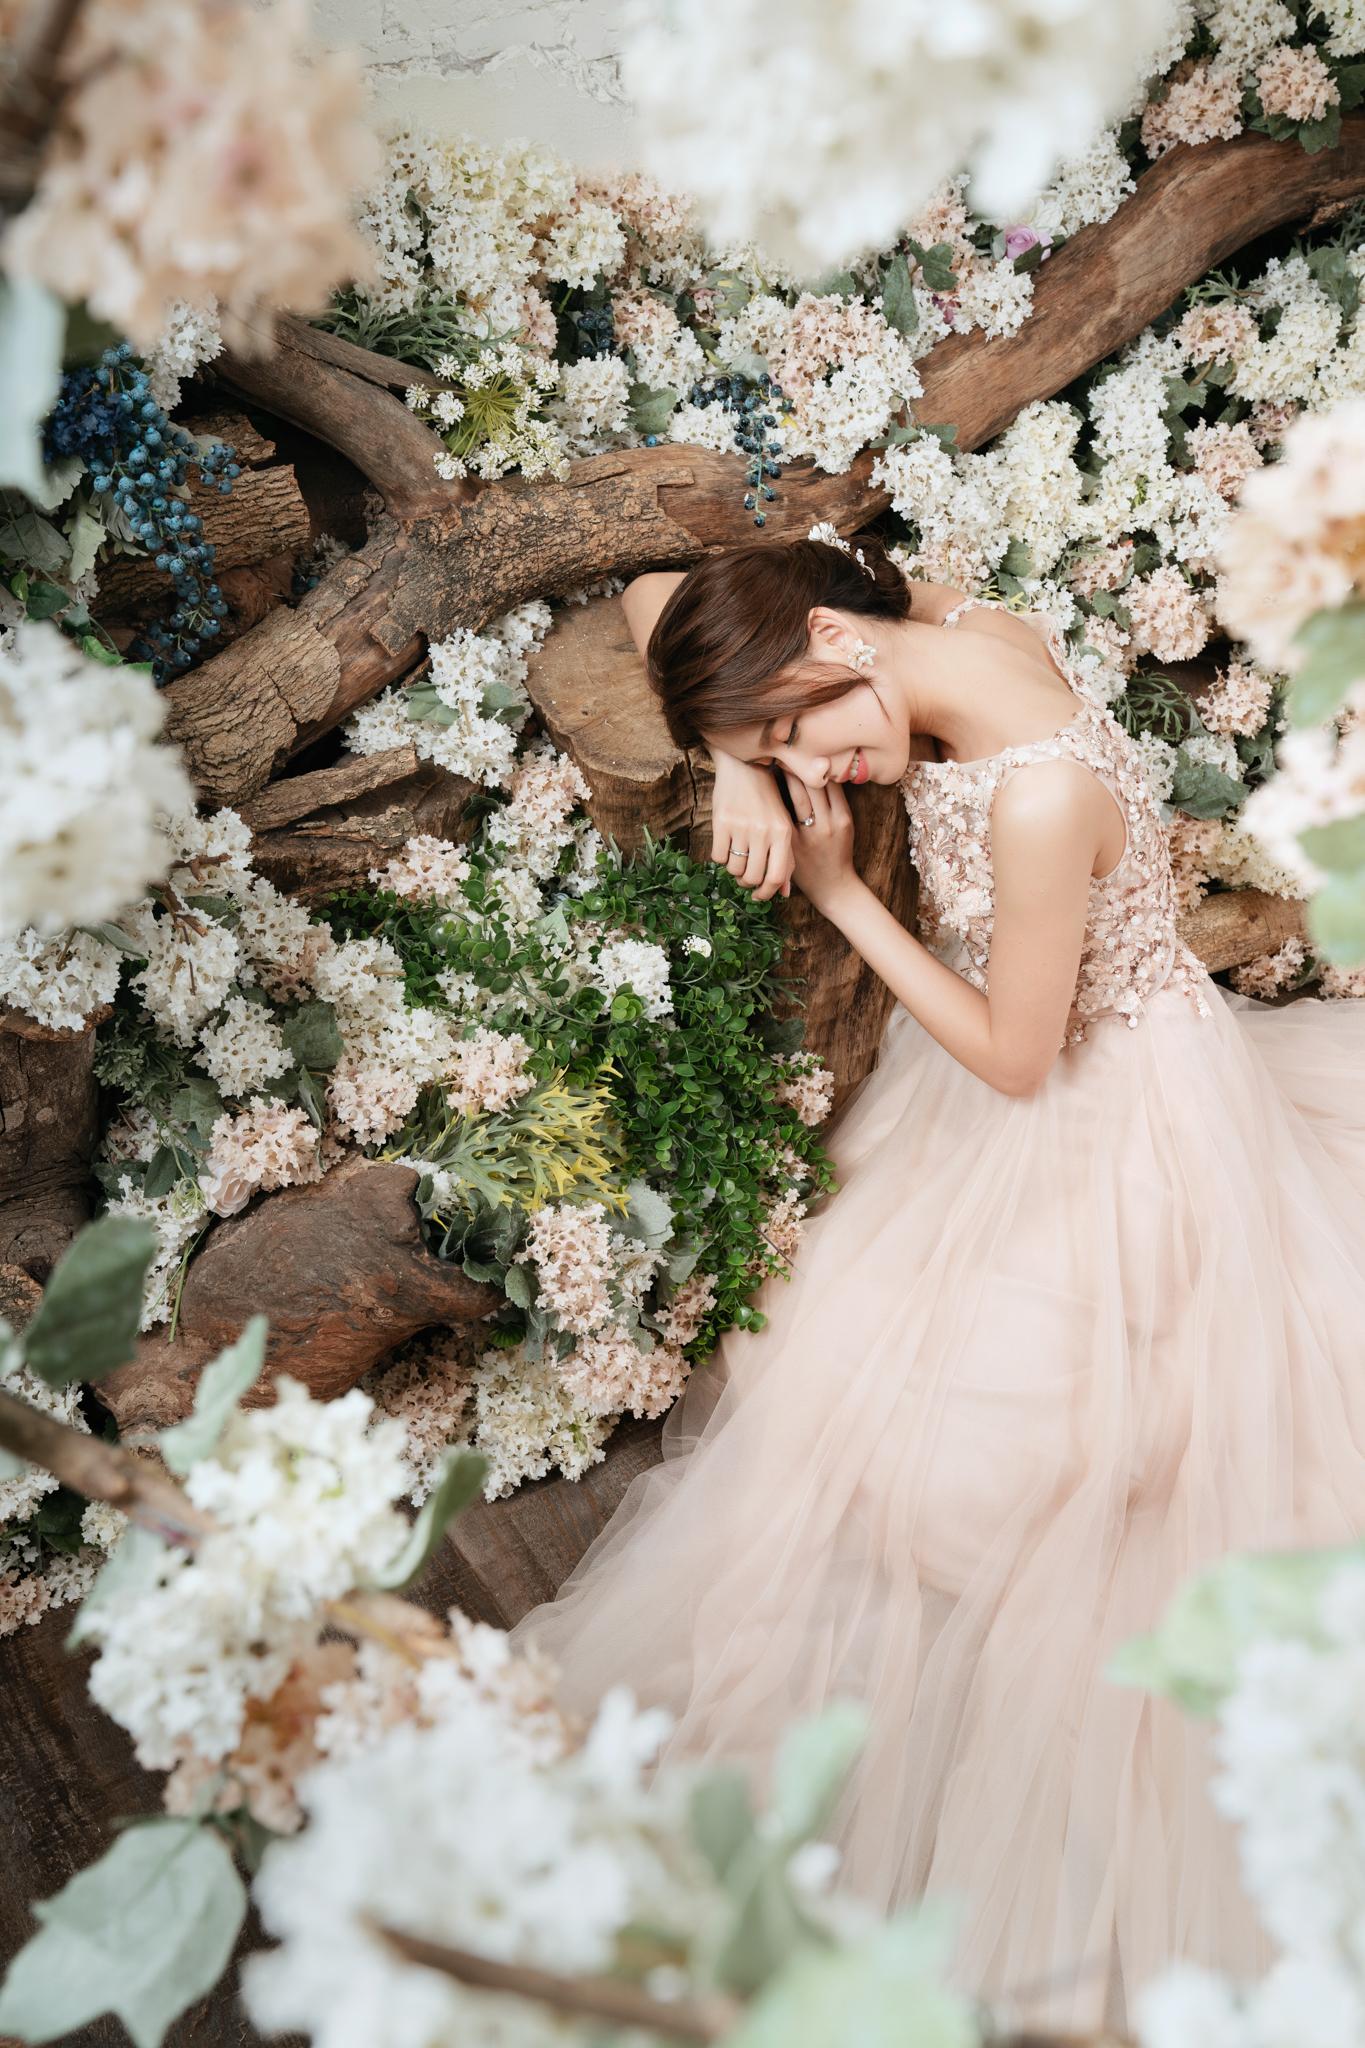 eASTERN WEDDING, Donfer, 自主婚紗, 東法